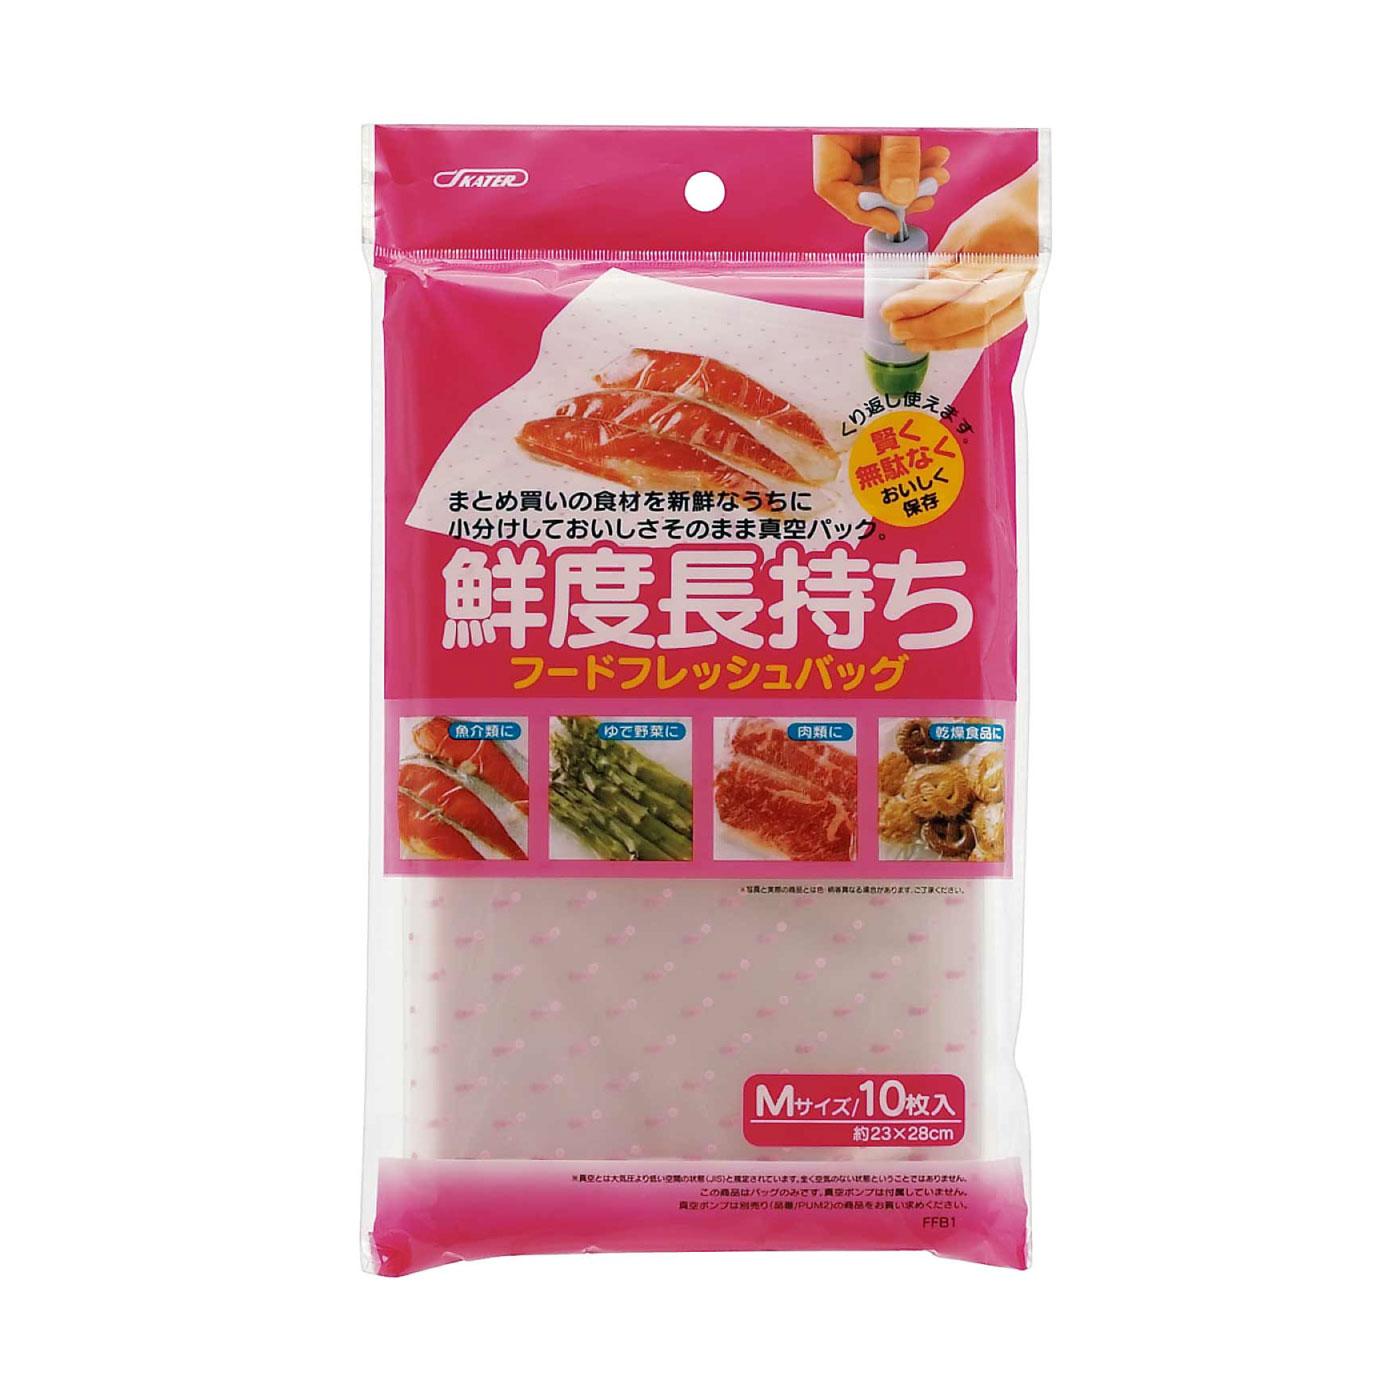 真空パックで食品の鮮度を長持ちさせる!フードフレッシュバッグ Mサイズ 10枚セット